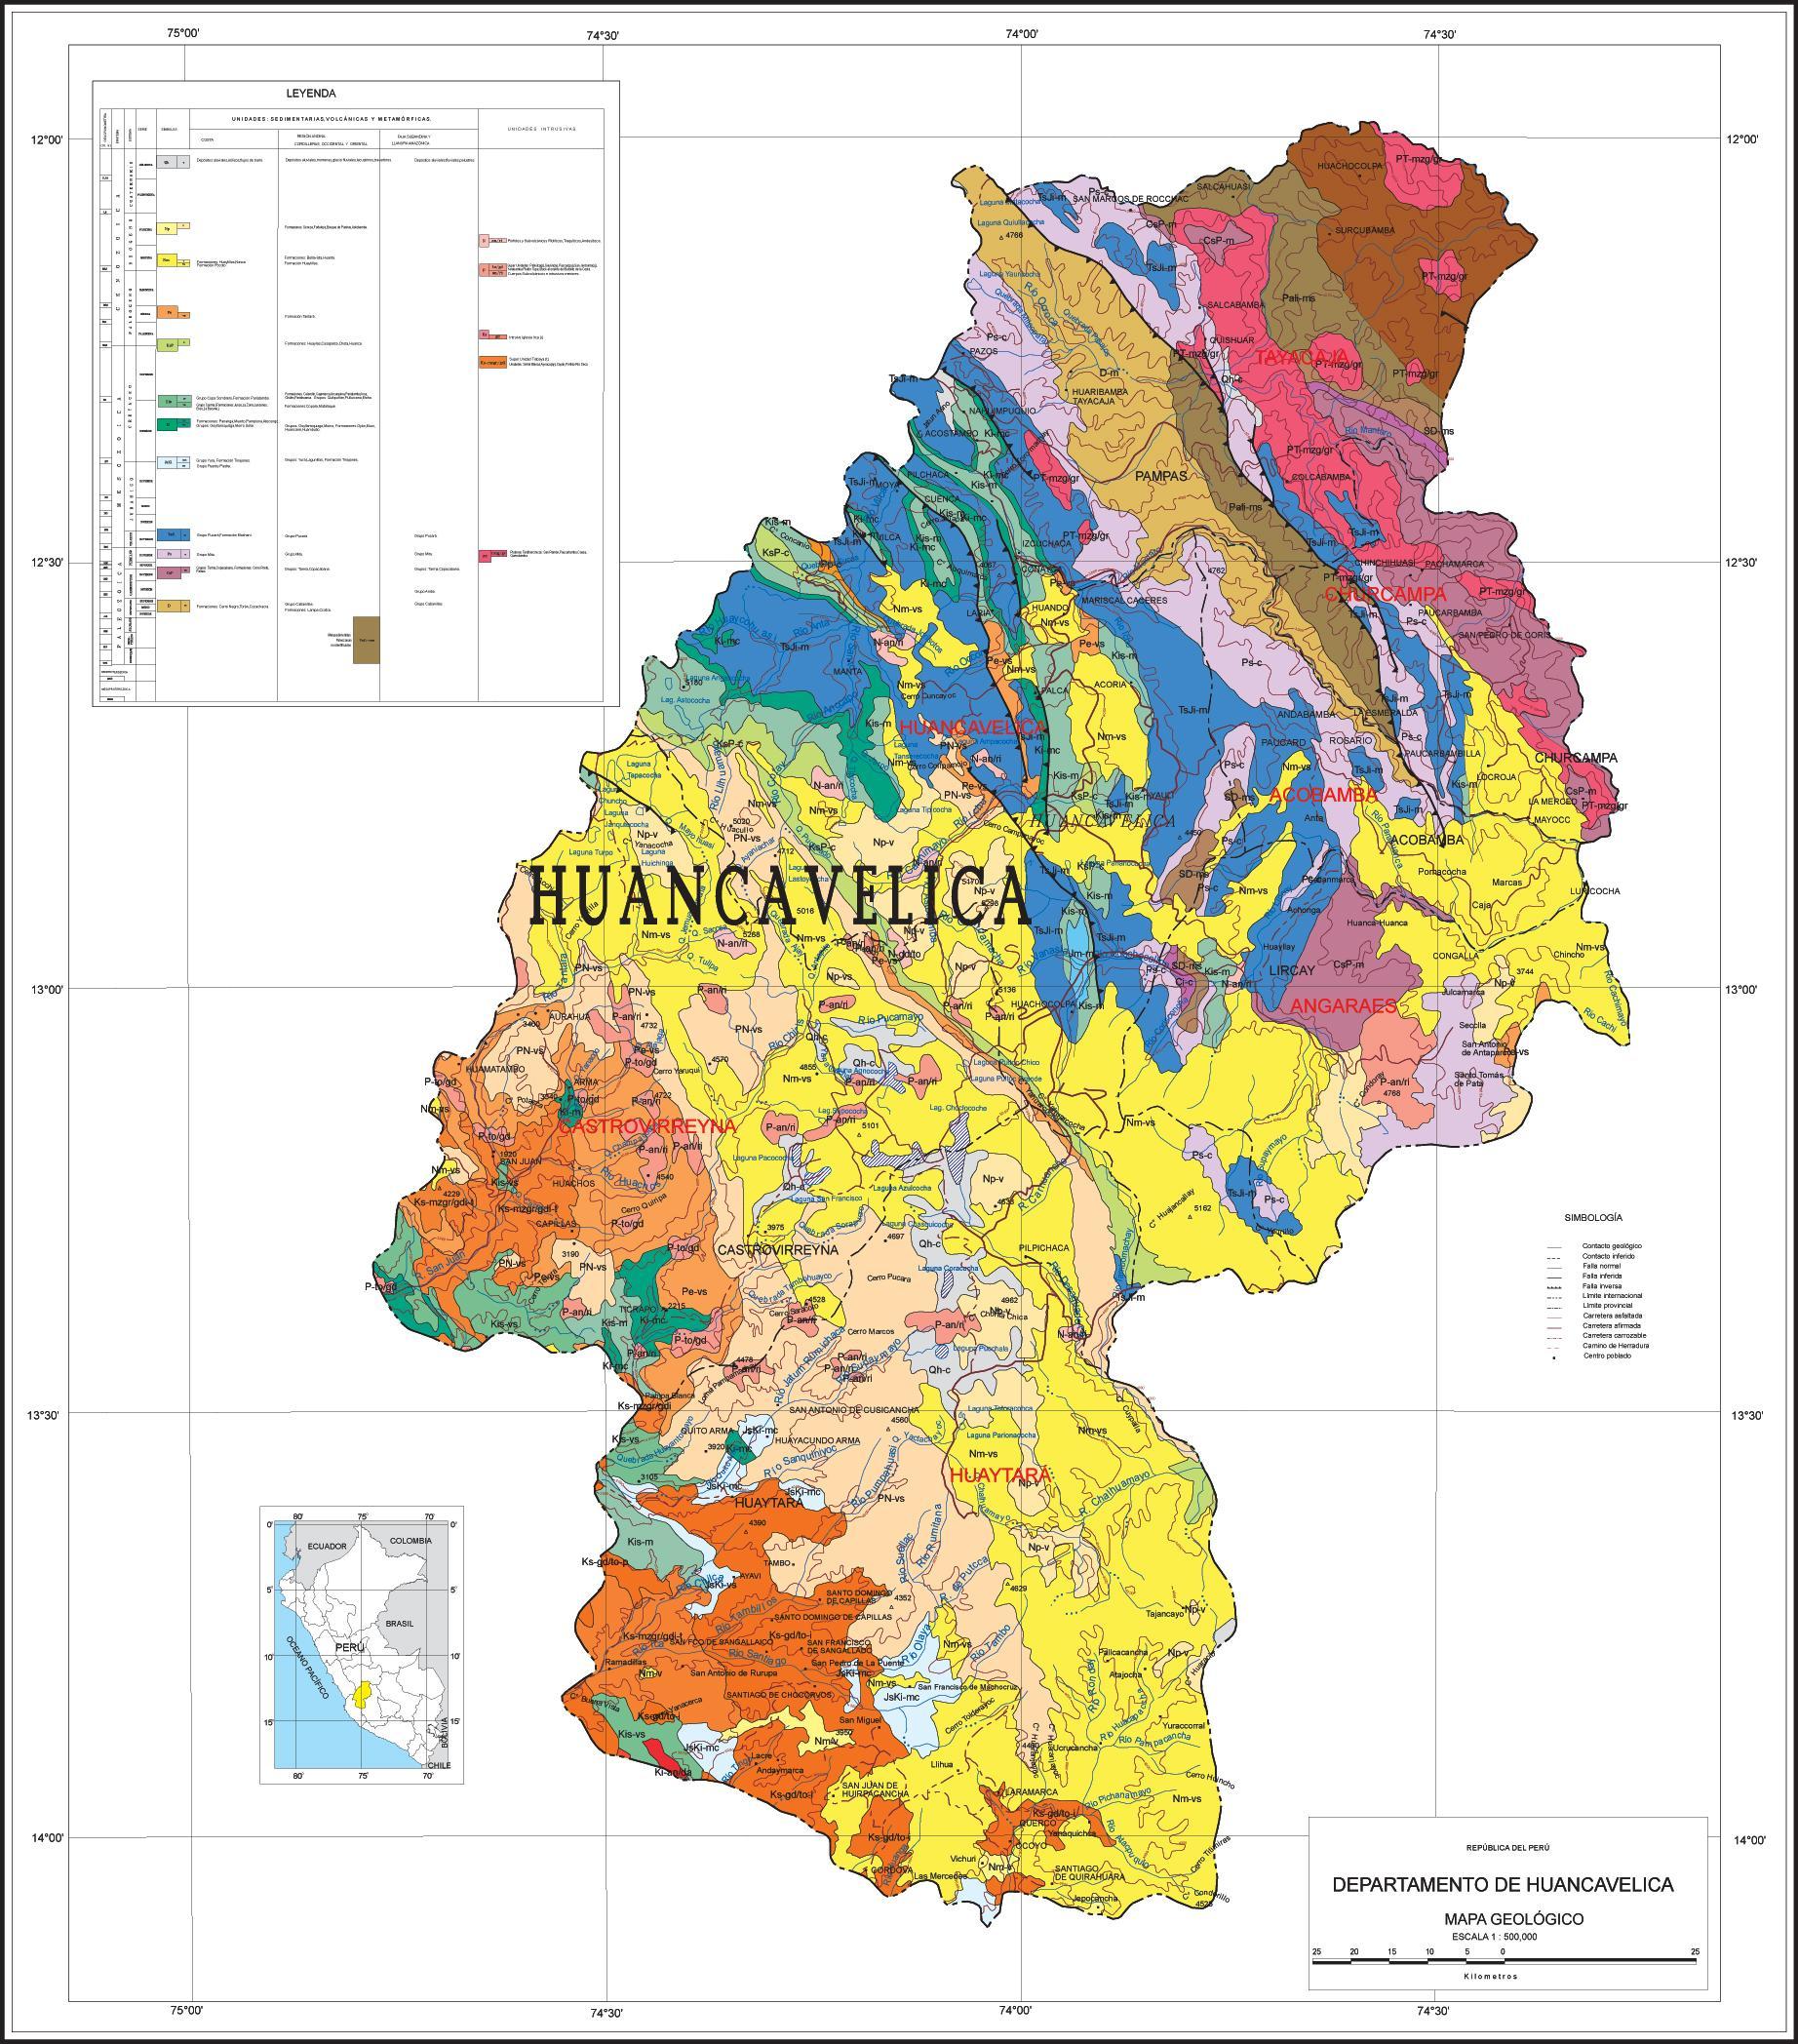 巴拉圭历史地图_秘鲁地图_秘鲁地图库_地图窝